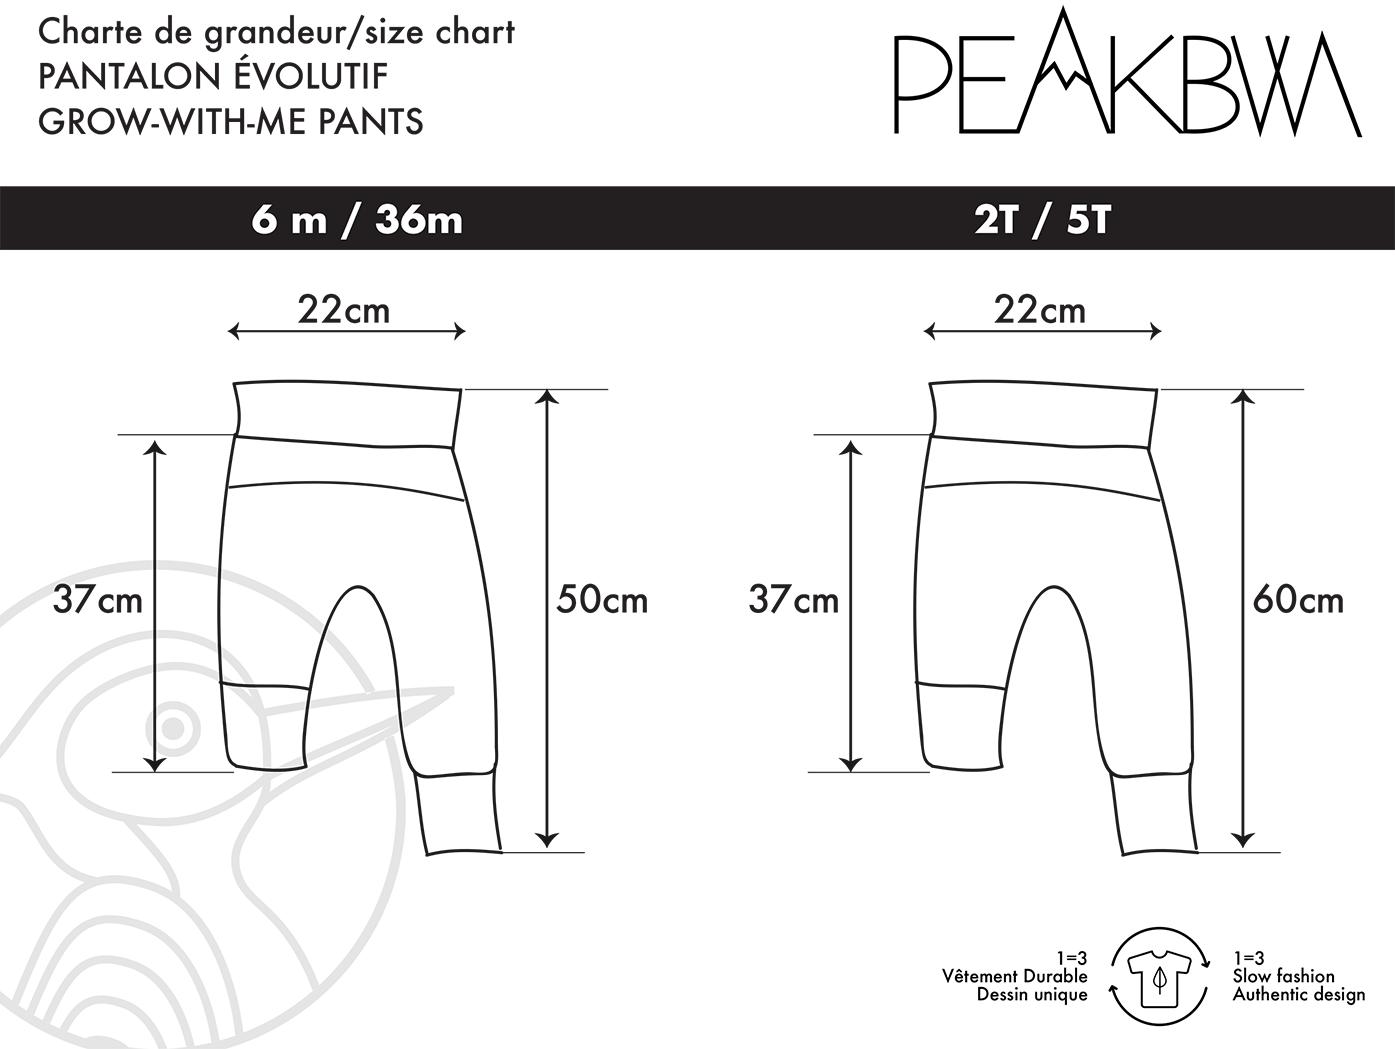 PEAKBWA_Grandeur_Pantalon_01